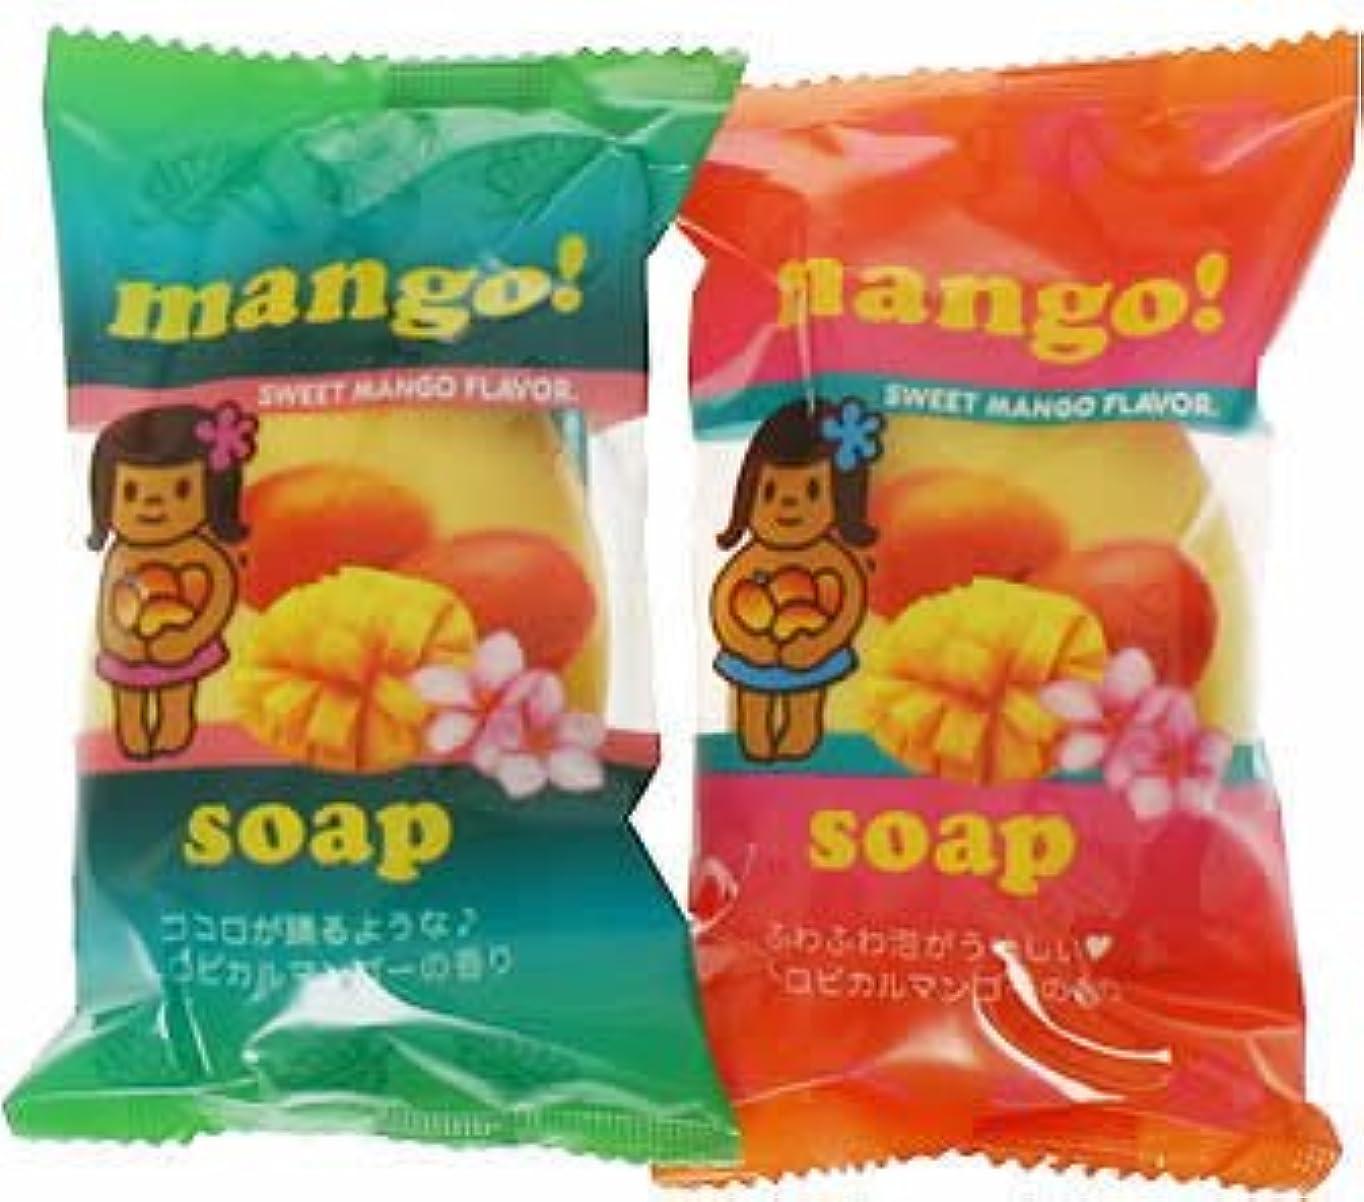 電子レンジ残り攻撃フルーツマーケットソープ マンゴー (70g*2個入)